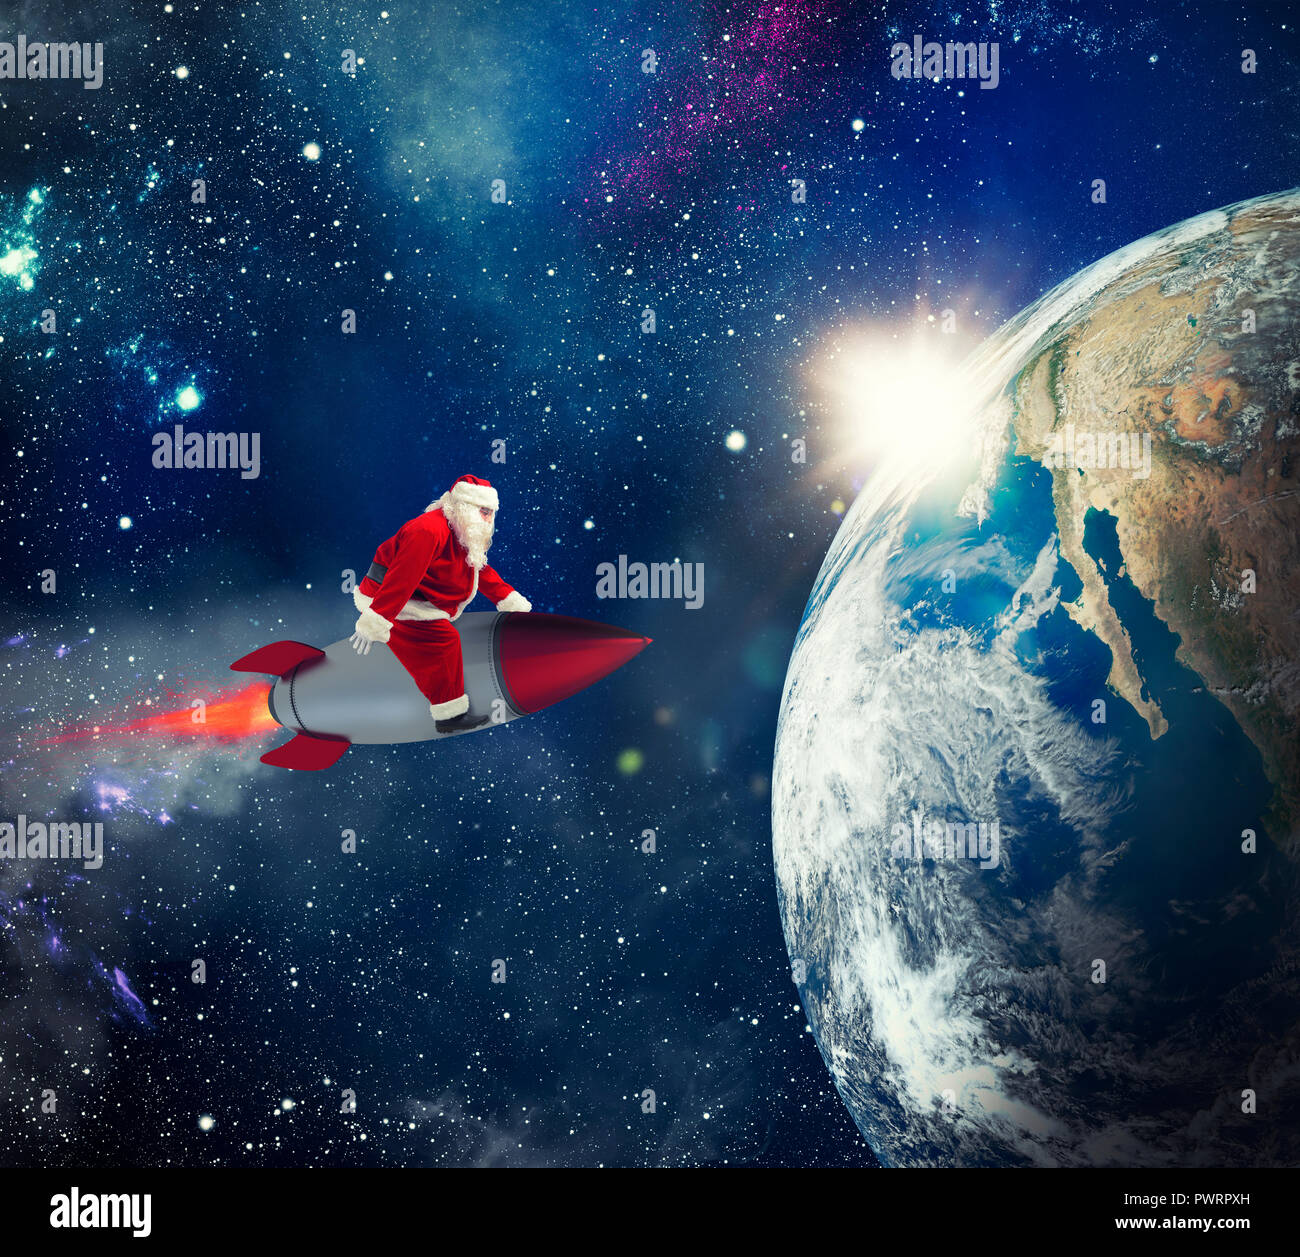 Schnelle Lieferung Von Weihnachten Geschenke Mit Santa Claus Im Raum